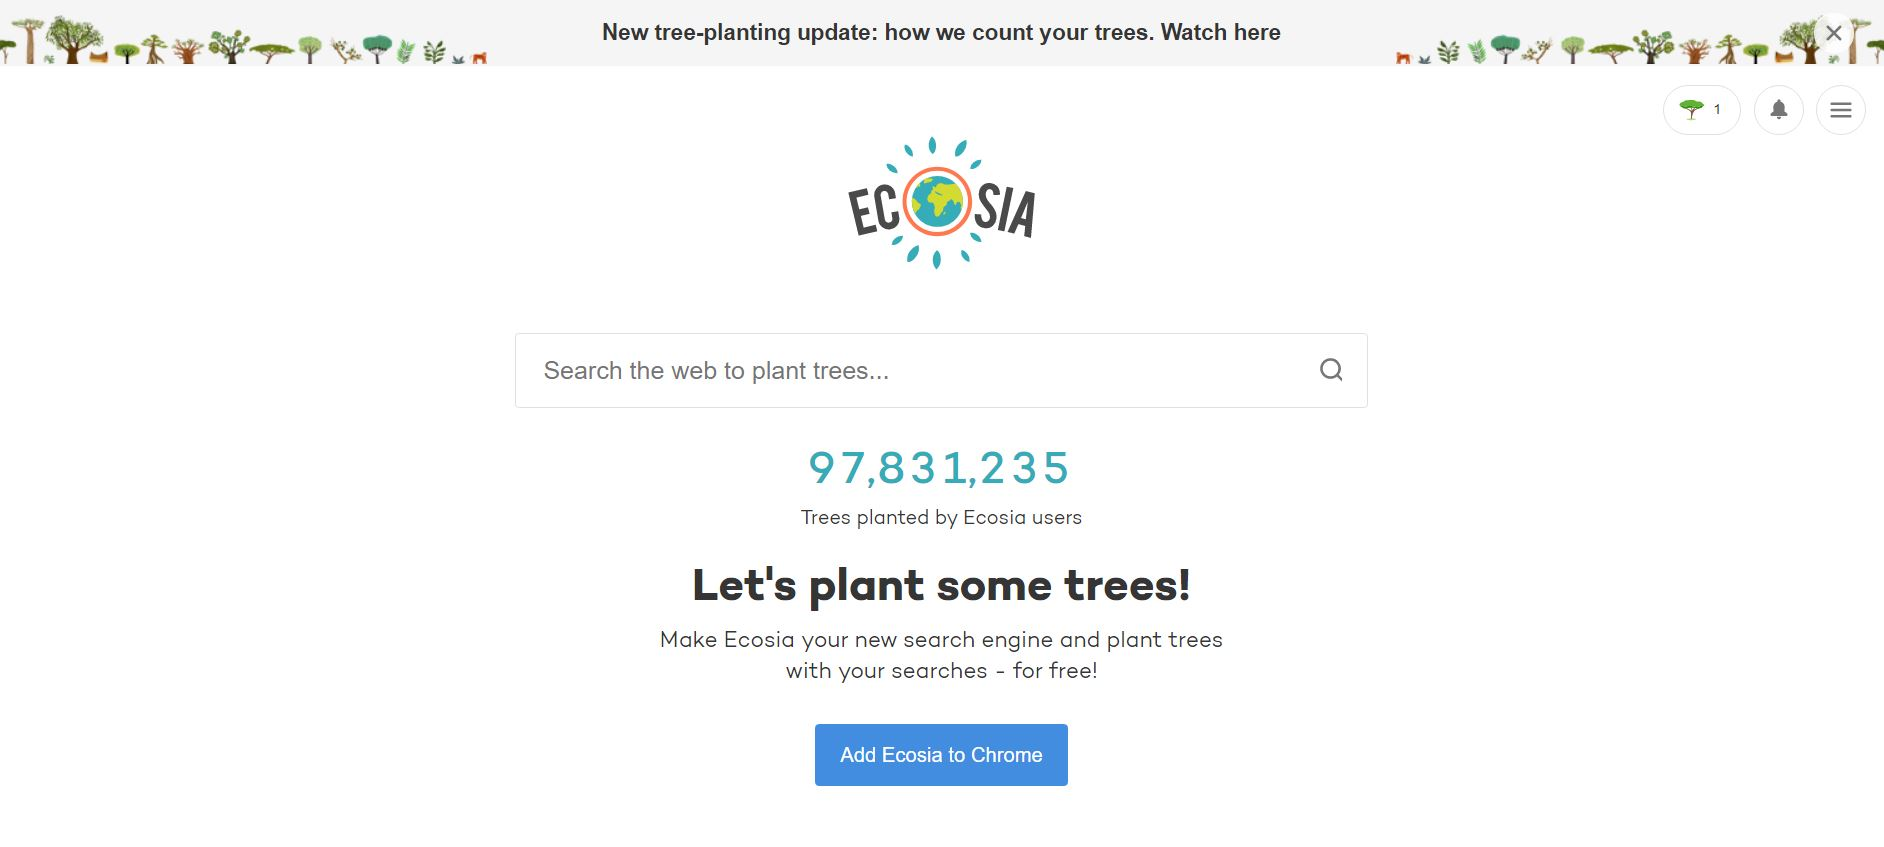 Прощай, Google! 15 Альтернативных поисковиков, которые не шпионят, а сажают деревья и раздают воду - 12